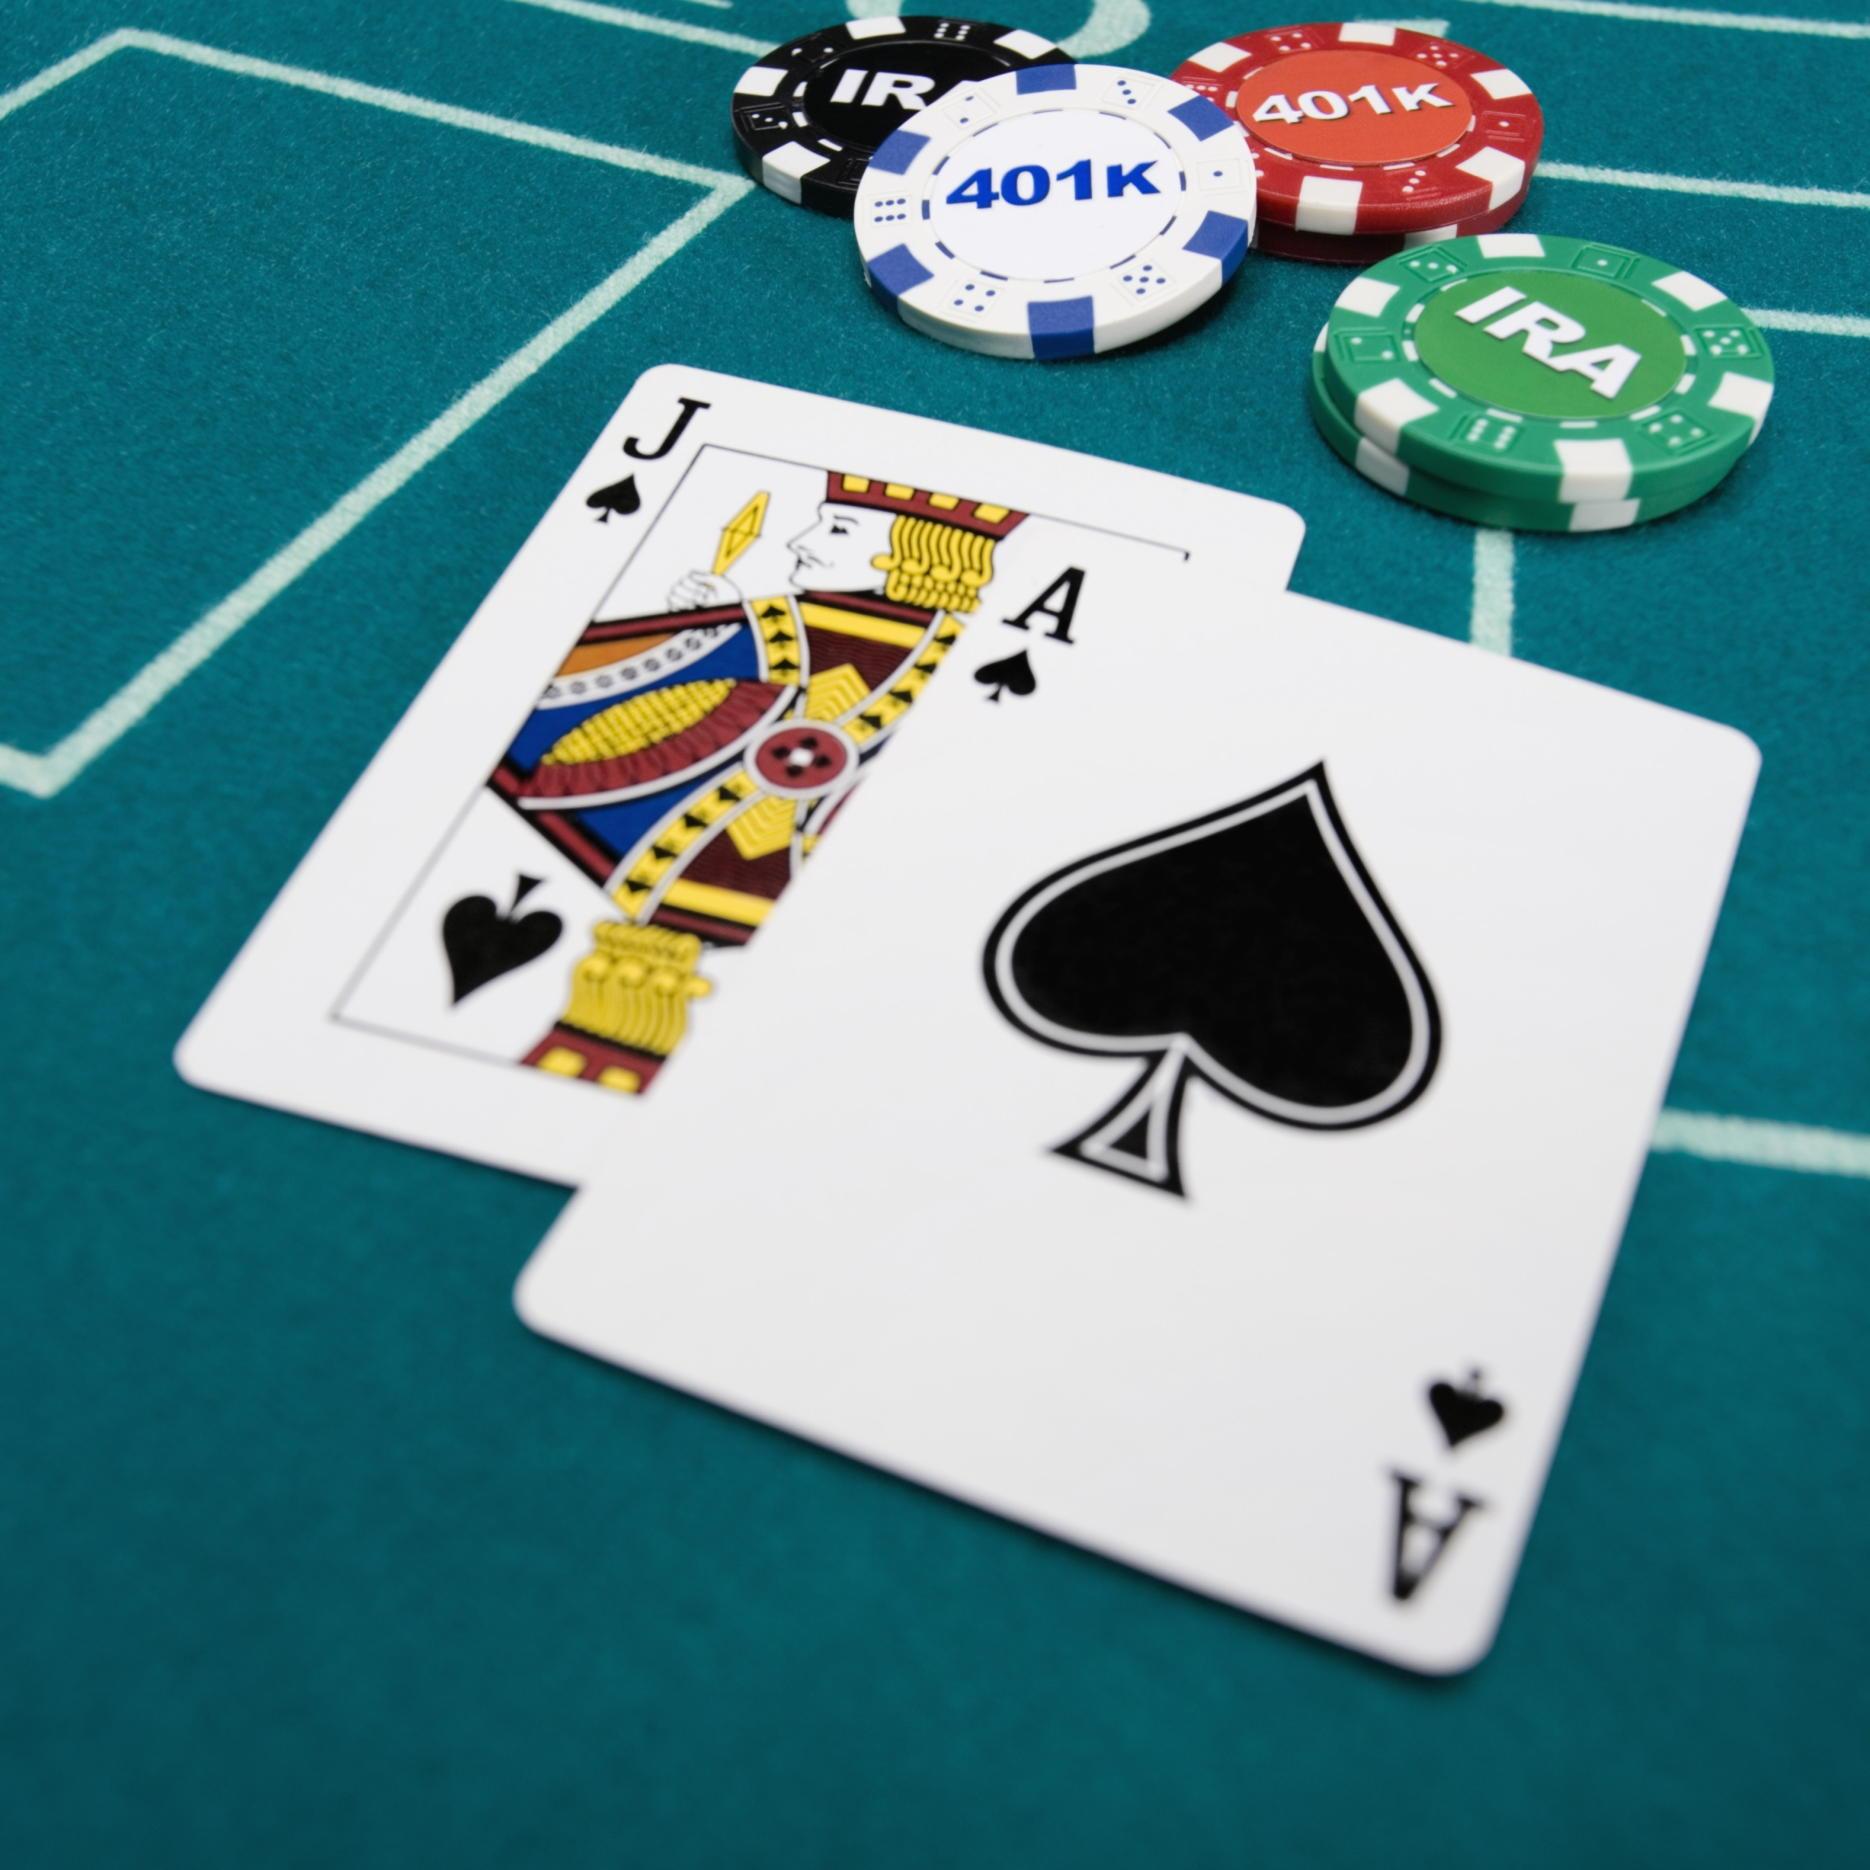 985% โบนัสเงินฝากครั้งแรกที่ Slots Capital Casino